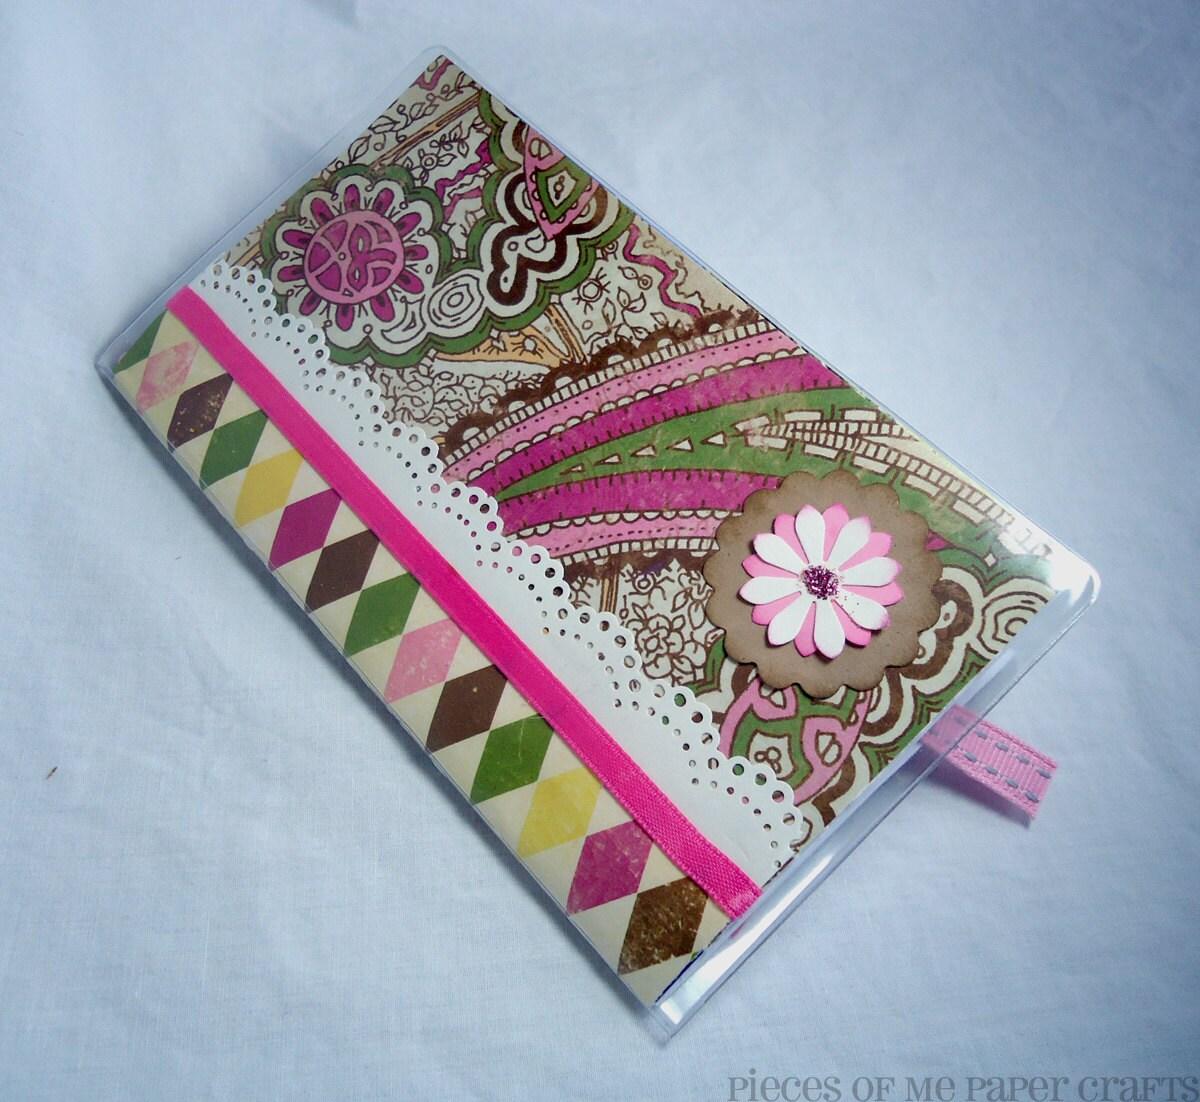 2013 Pocket Planner